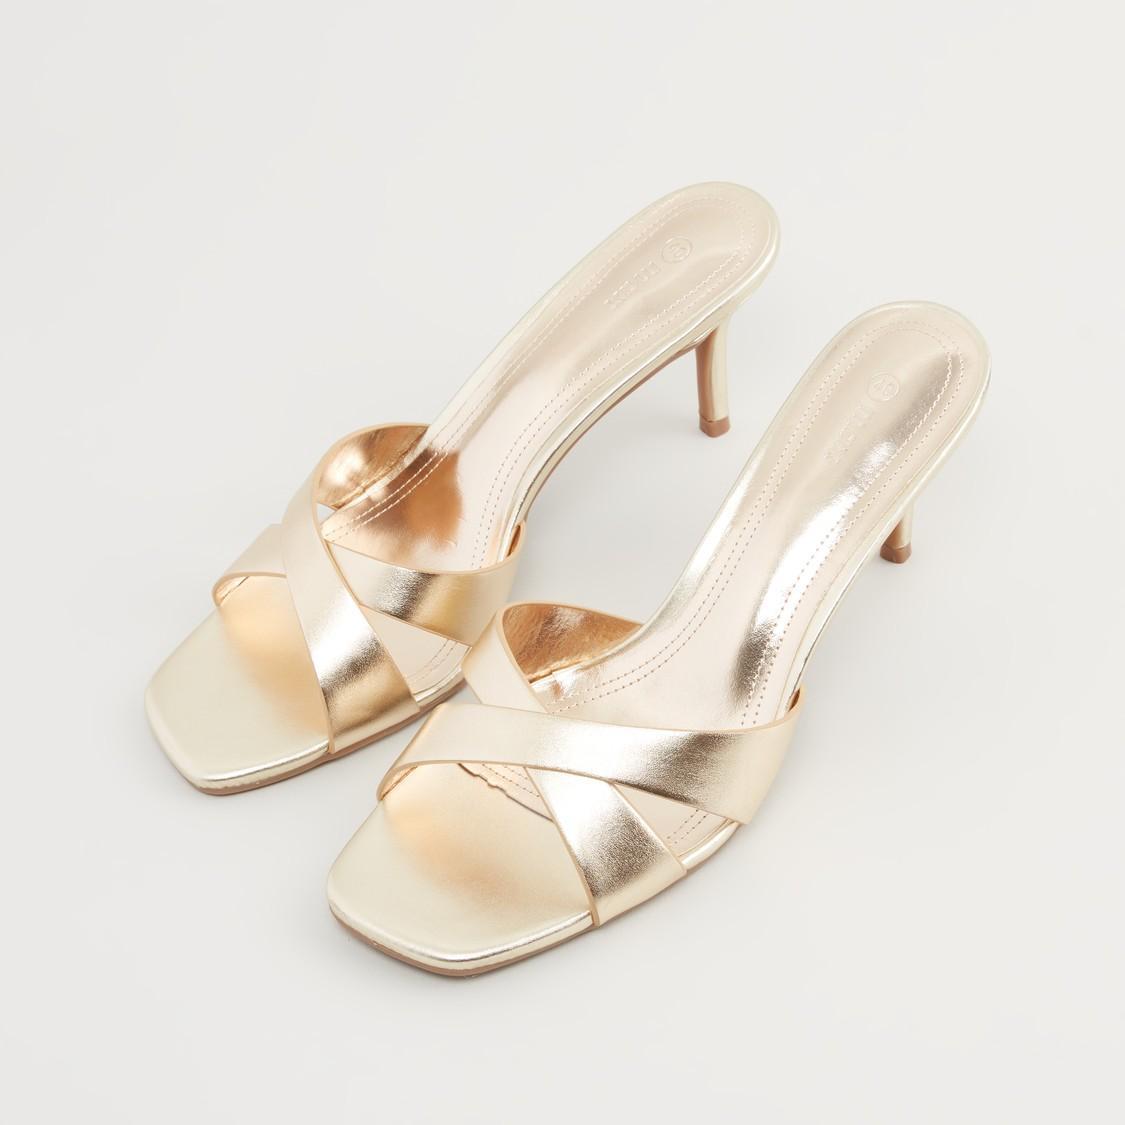 حذاء سهل الإرتداء بكعب ستيليتو وحزام متقاطع